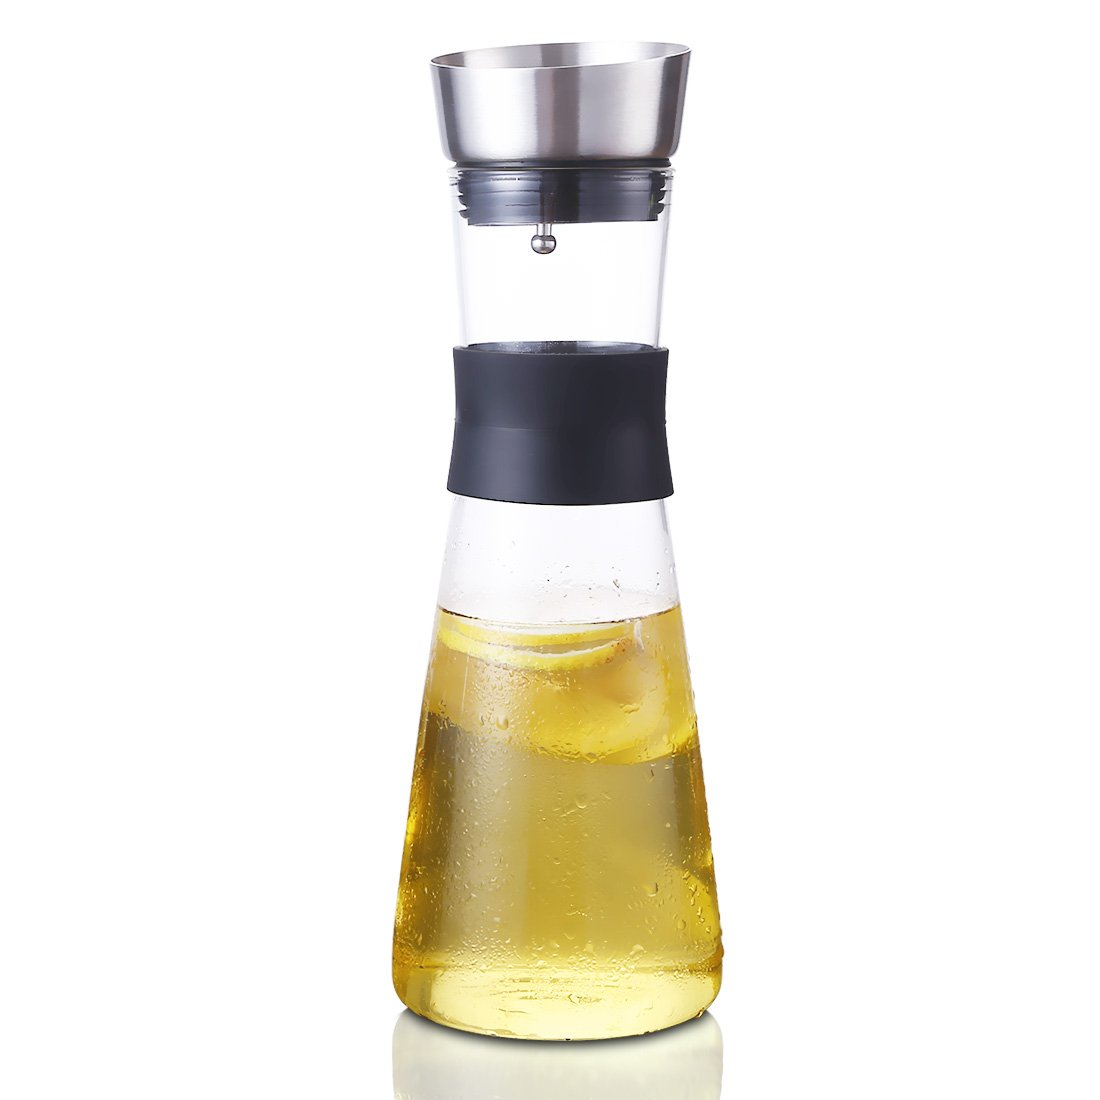 oneisall Heat-Resistant Glass Jug Coffee Juice